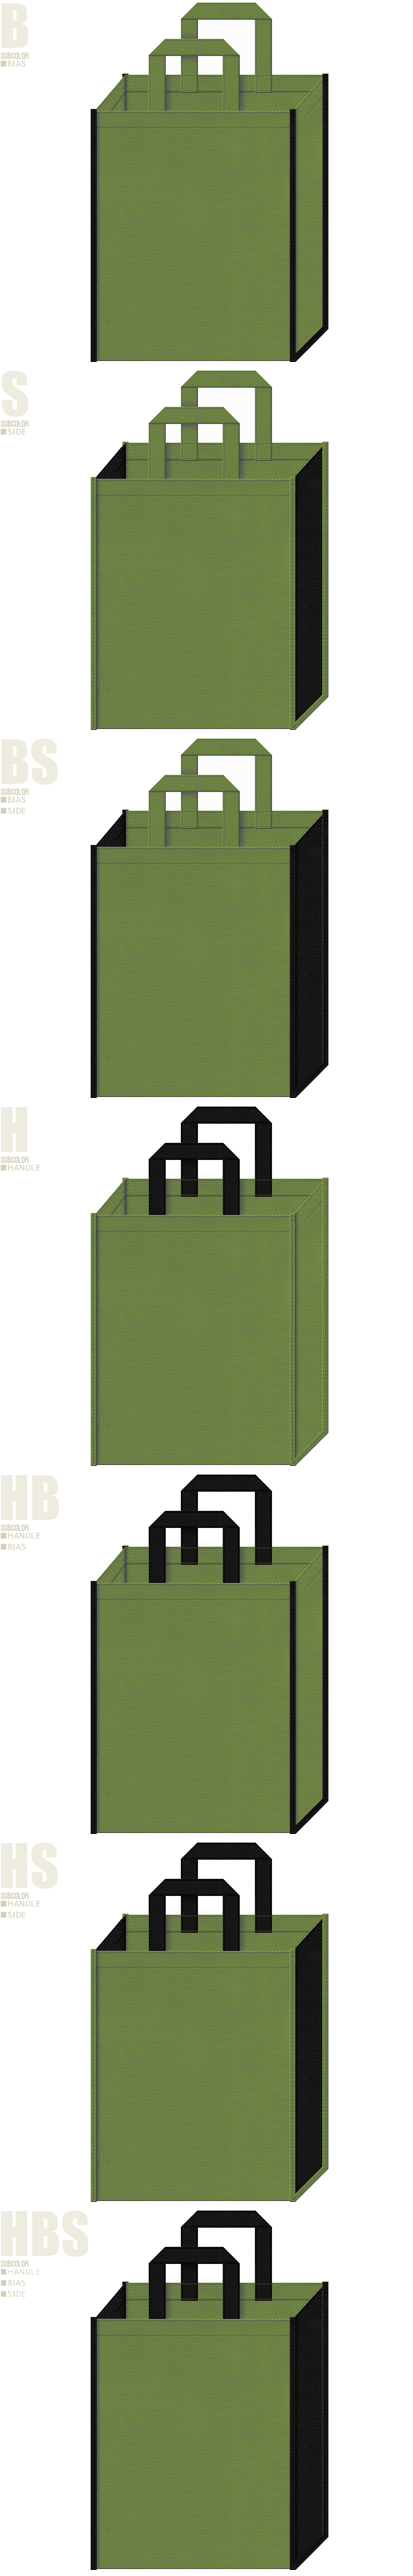 瓦・お城・武道・剣道・書道の展示会にお奨めの不織布バッグデザイン:草色と黒色の不織布バッグ配色7パターン。